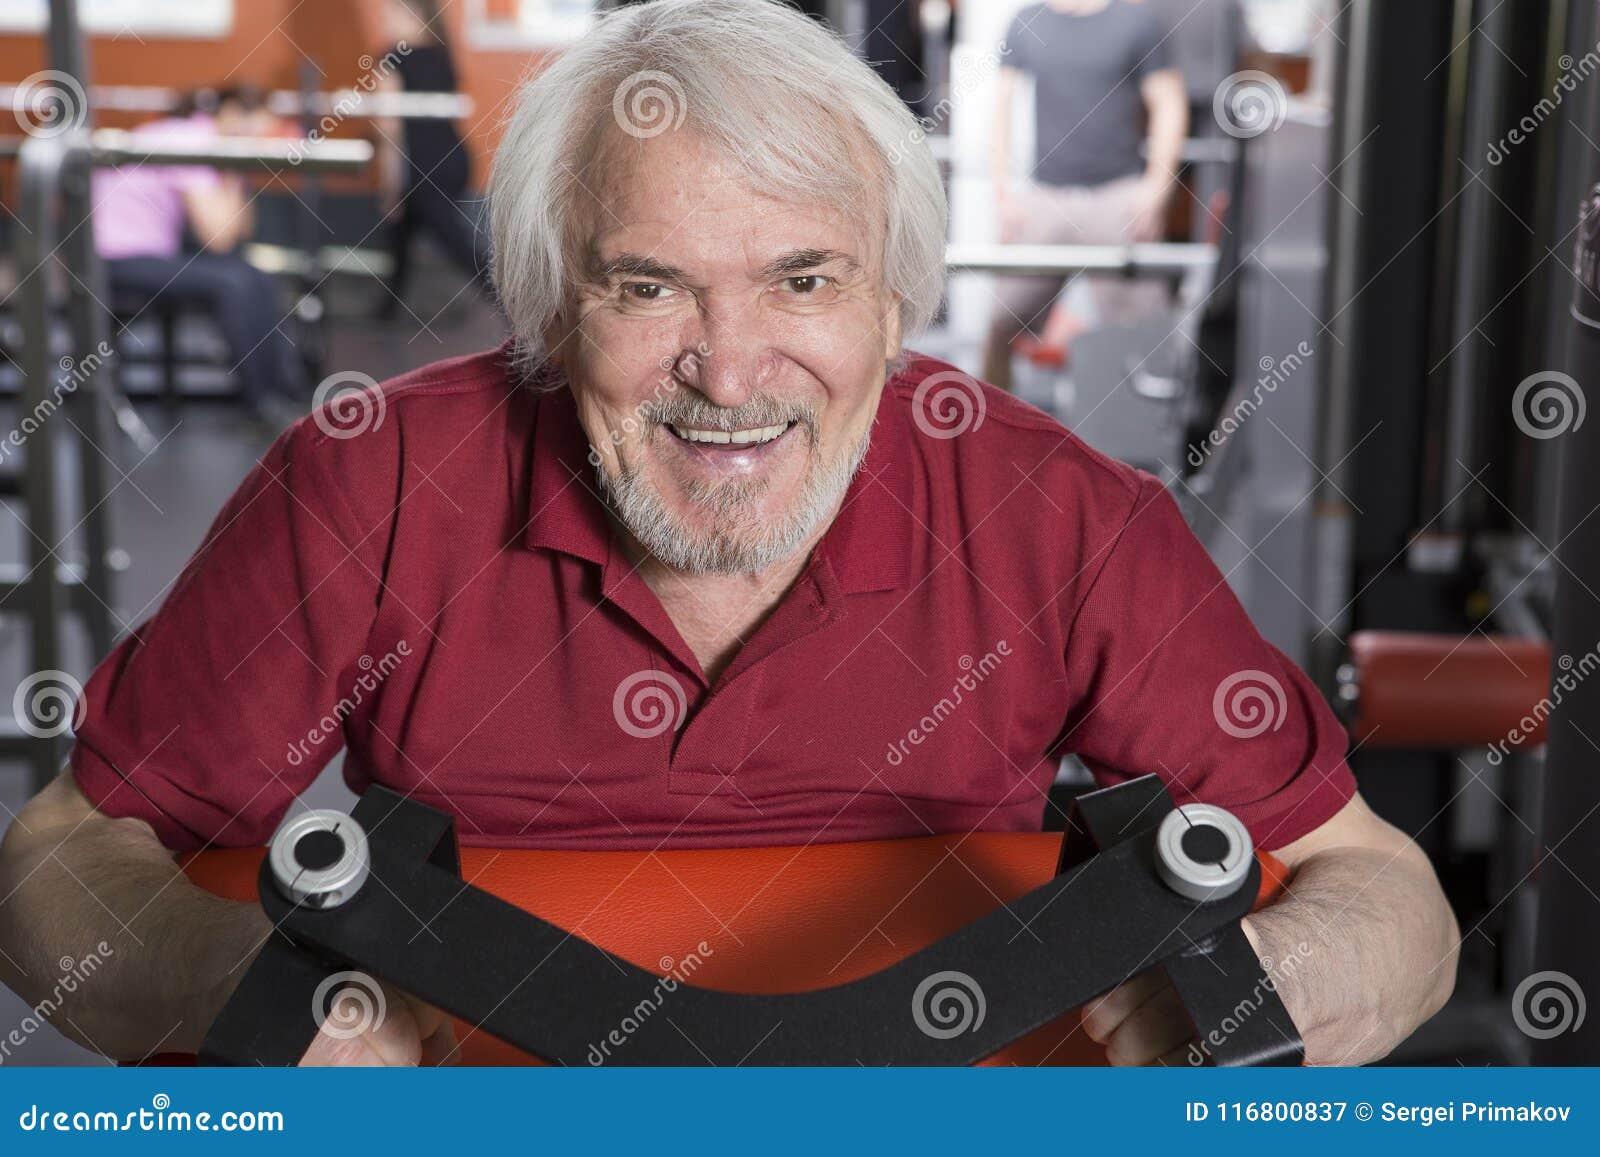 Uomo senior nel centro di forma fisica